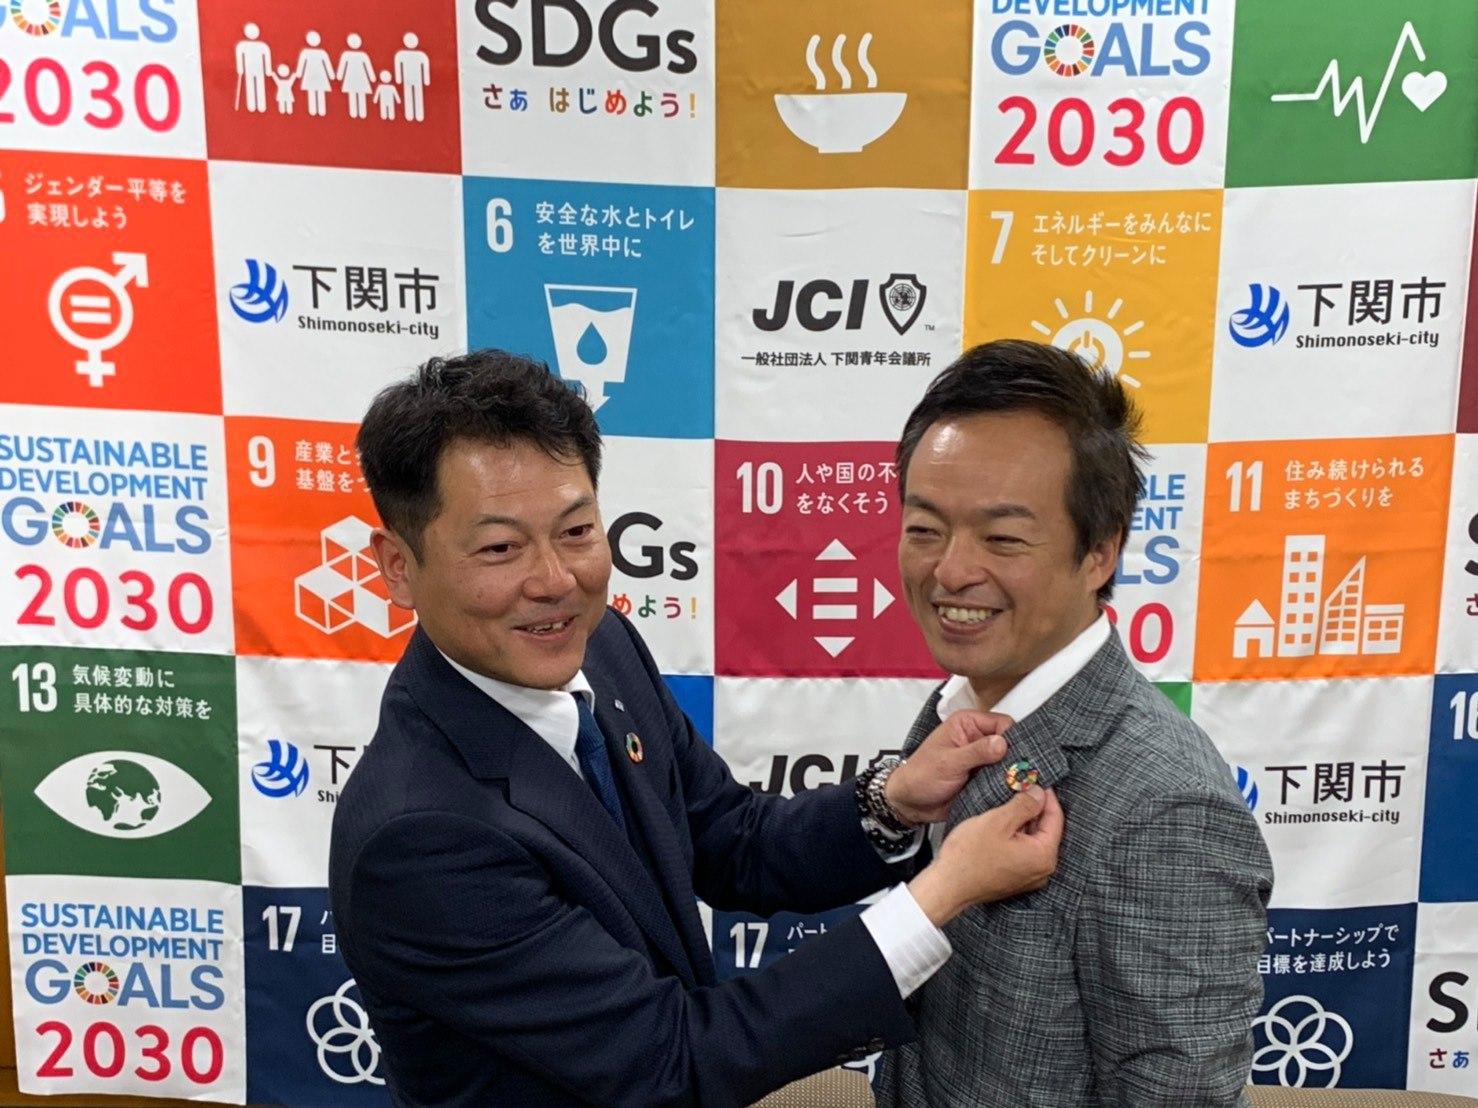 一般社団法人 下関青年会議所はSDGsを推進しております!のサムネイル画像1